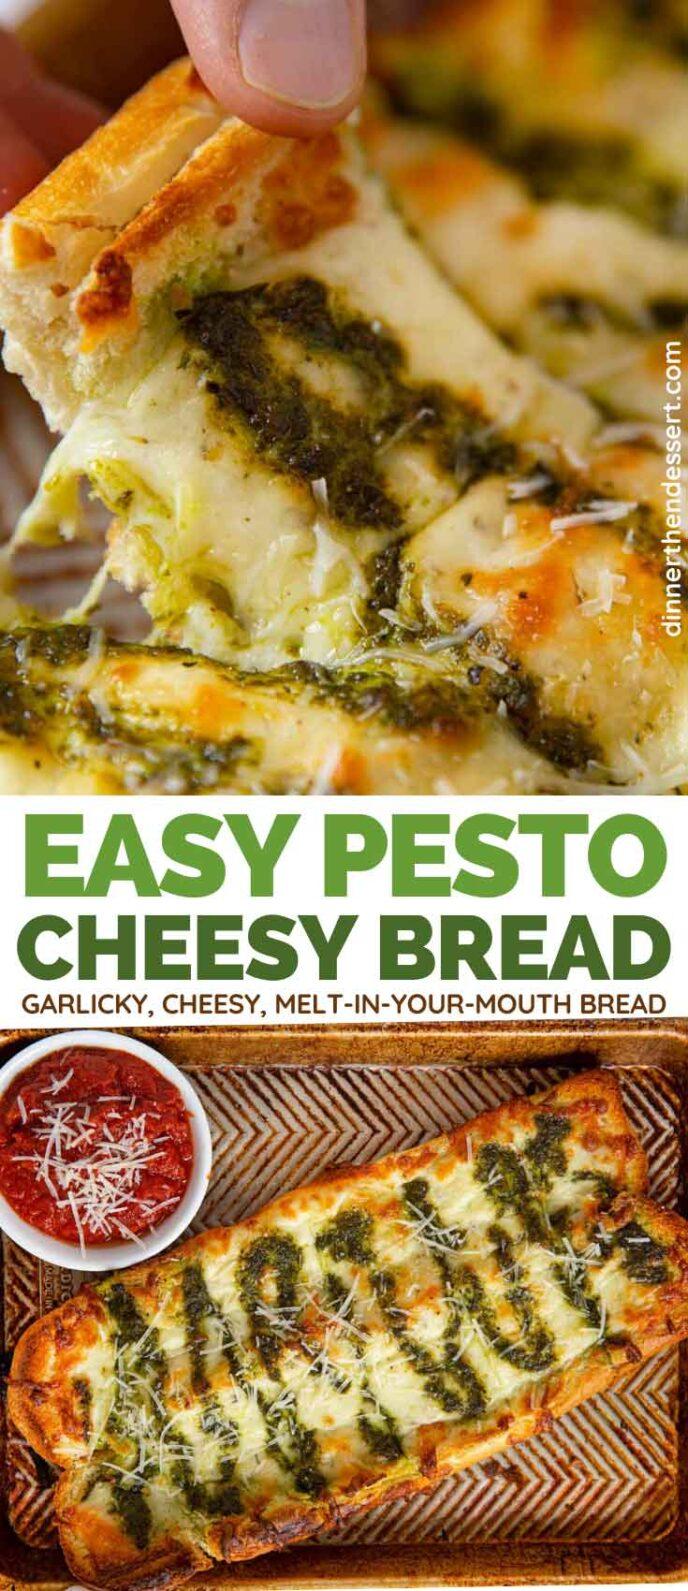 Pesto Cheesy Bread collage